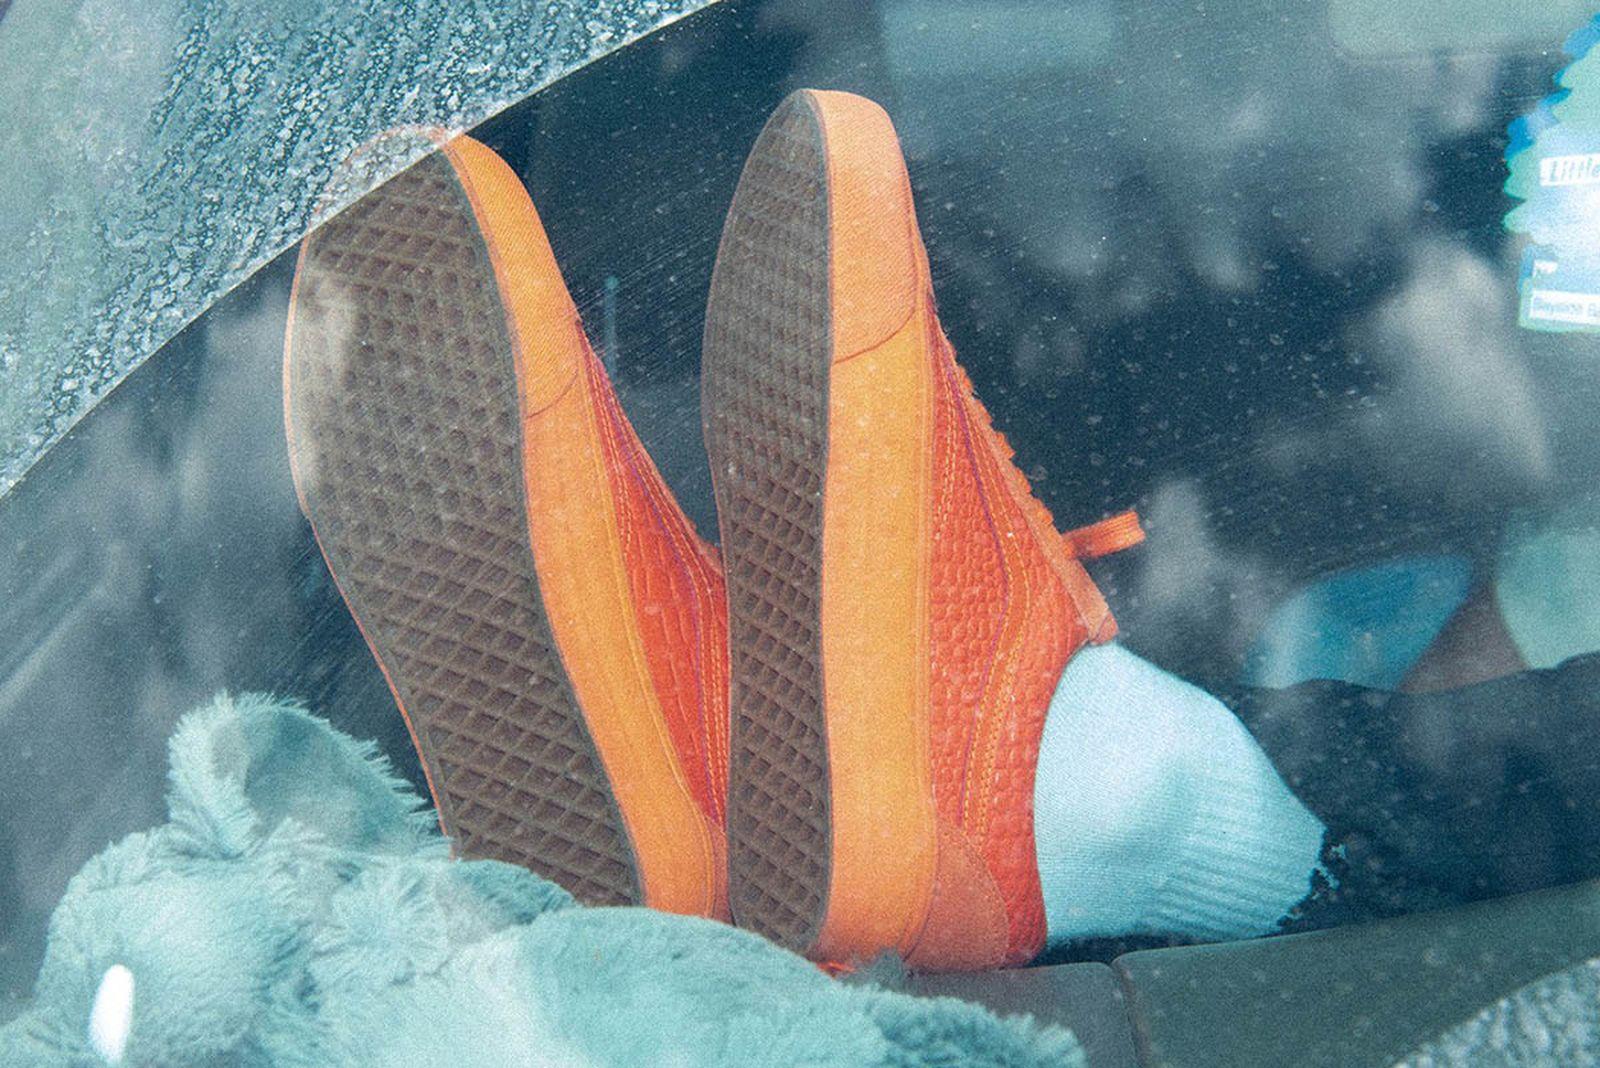 vans-old-skool-croc-skin-release-date-price-03